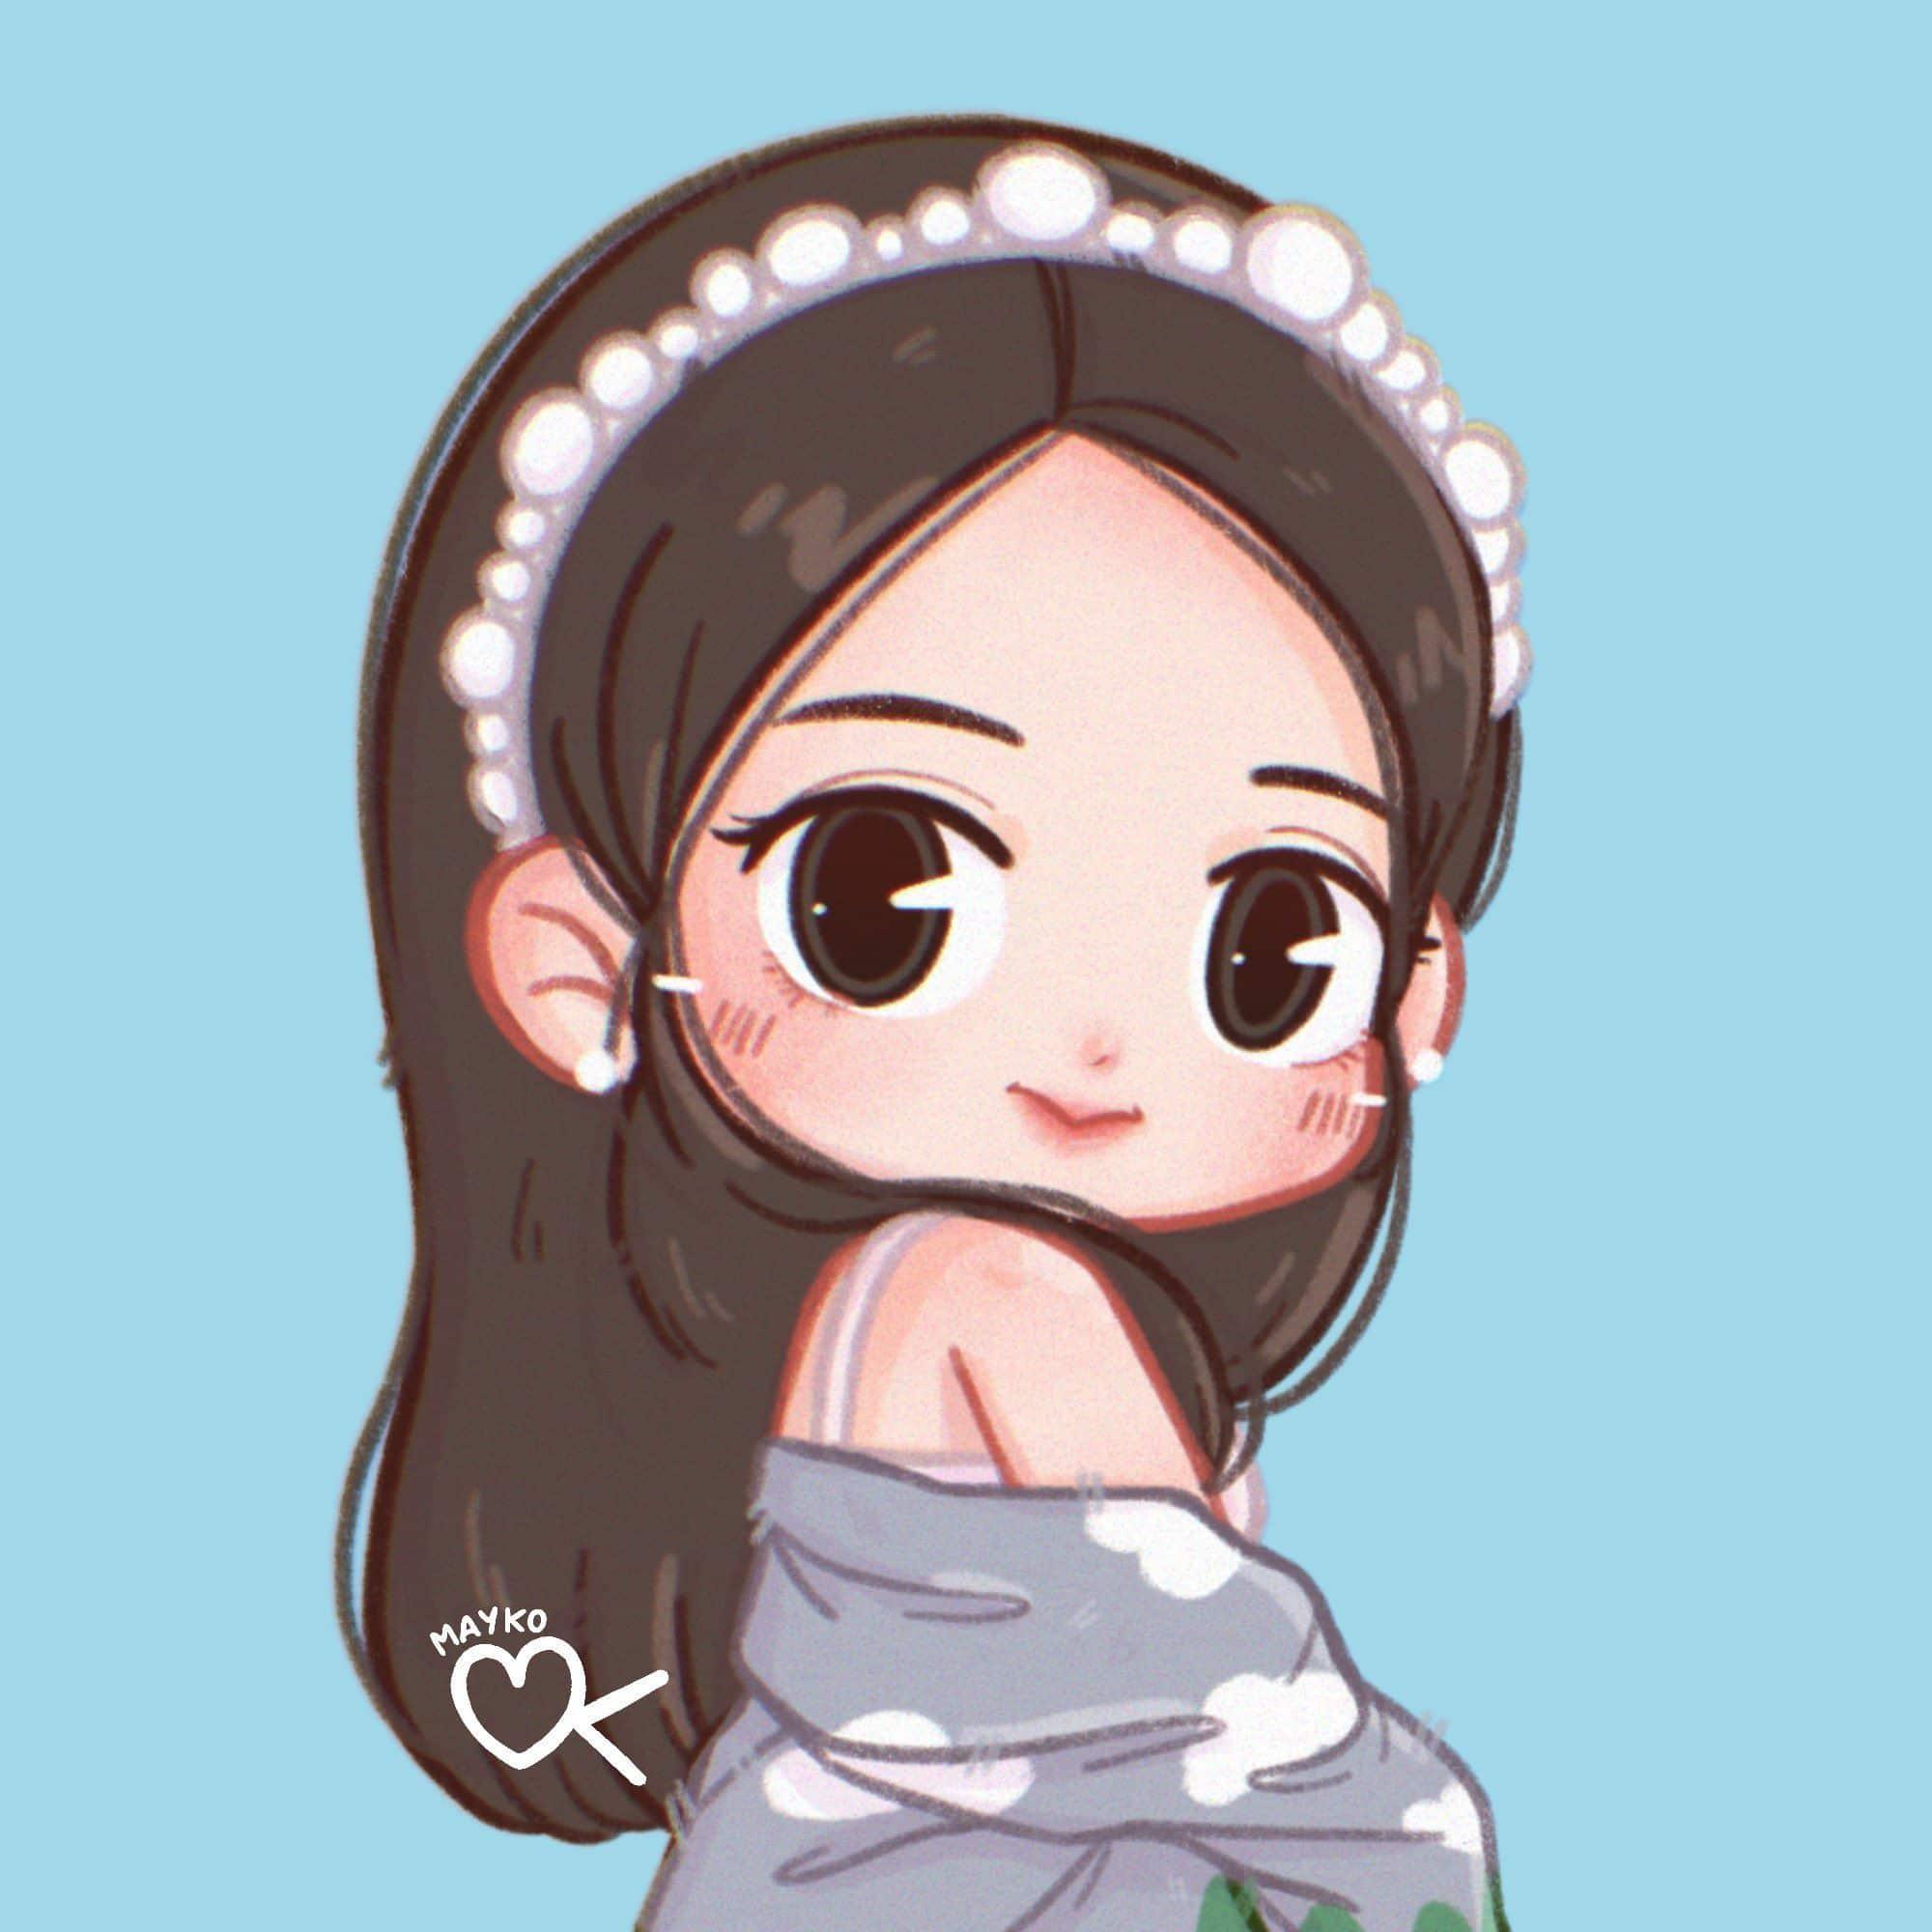 avatar chibi dễ thương